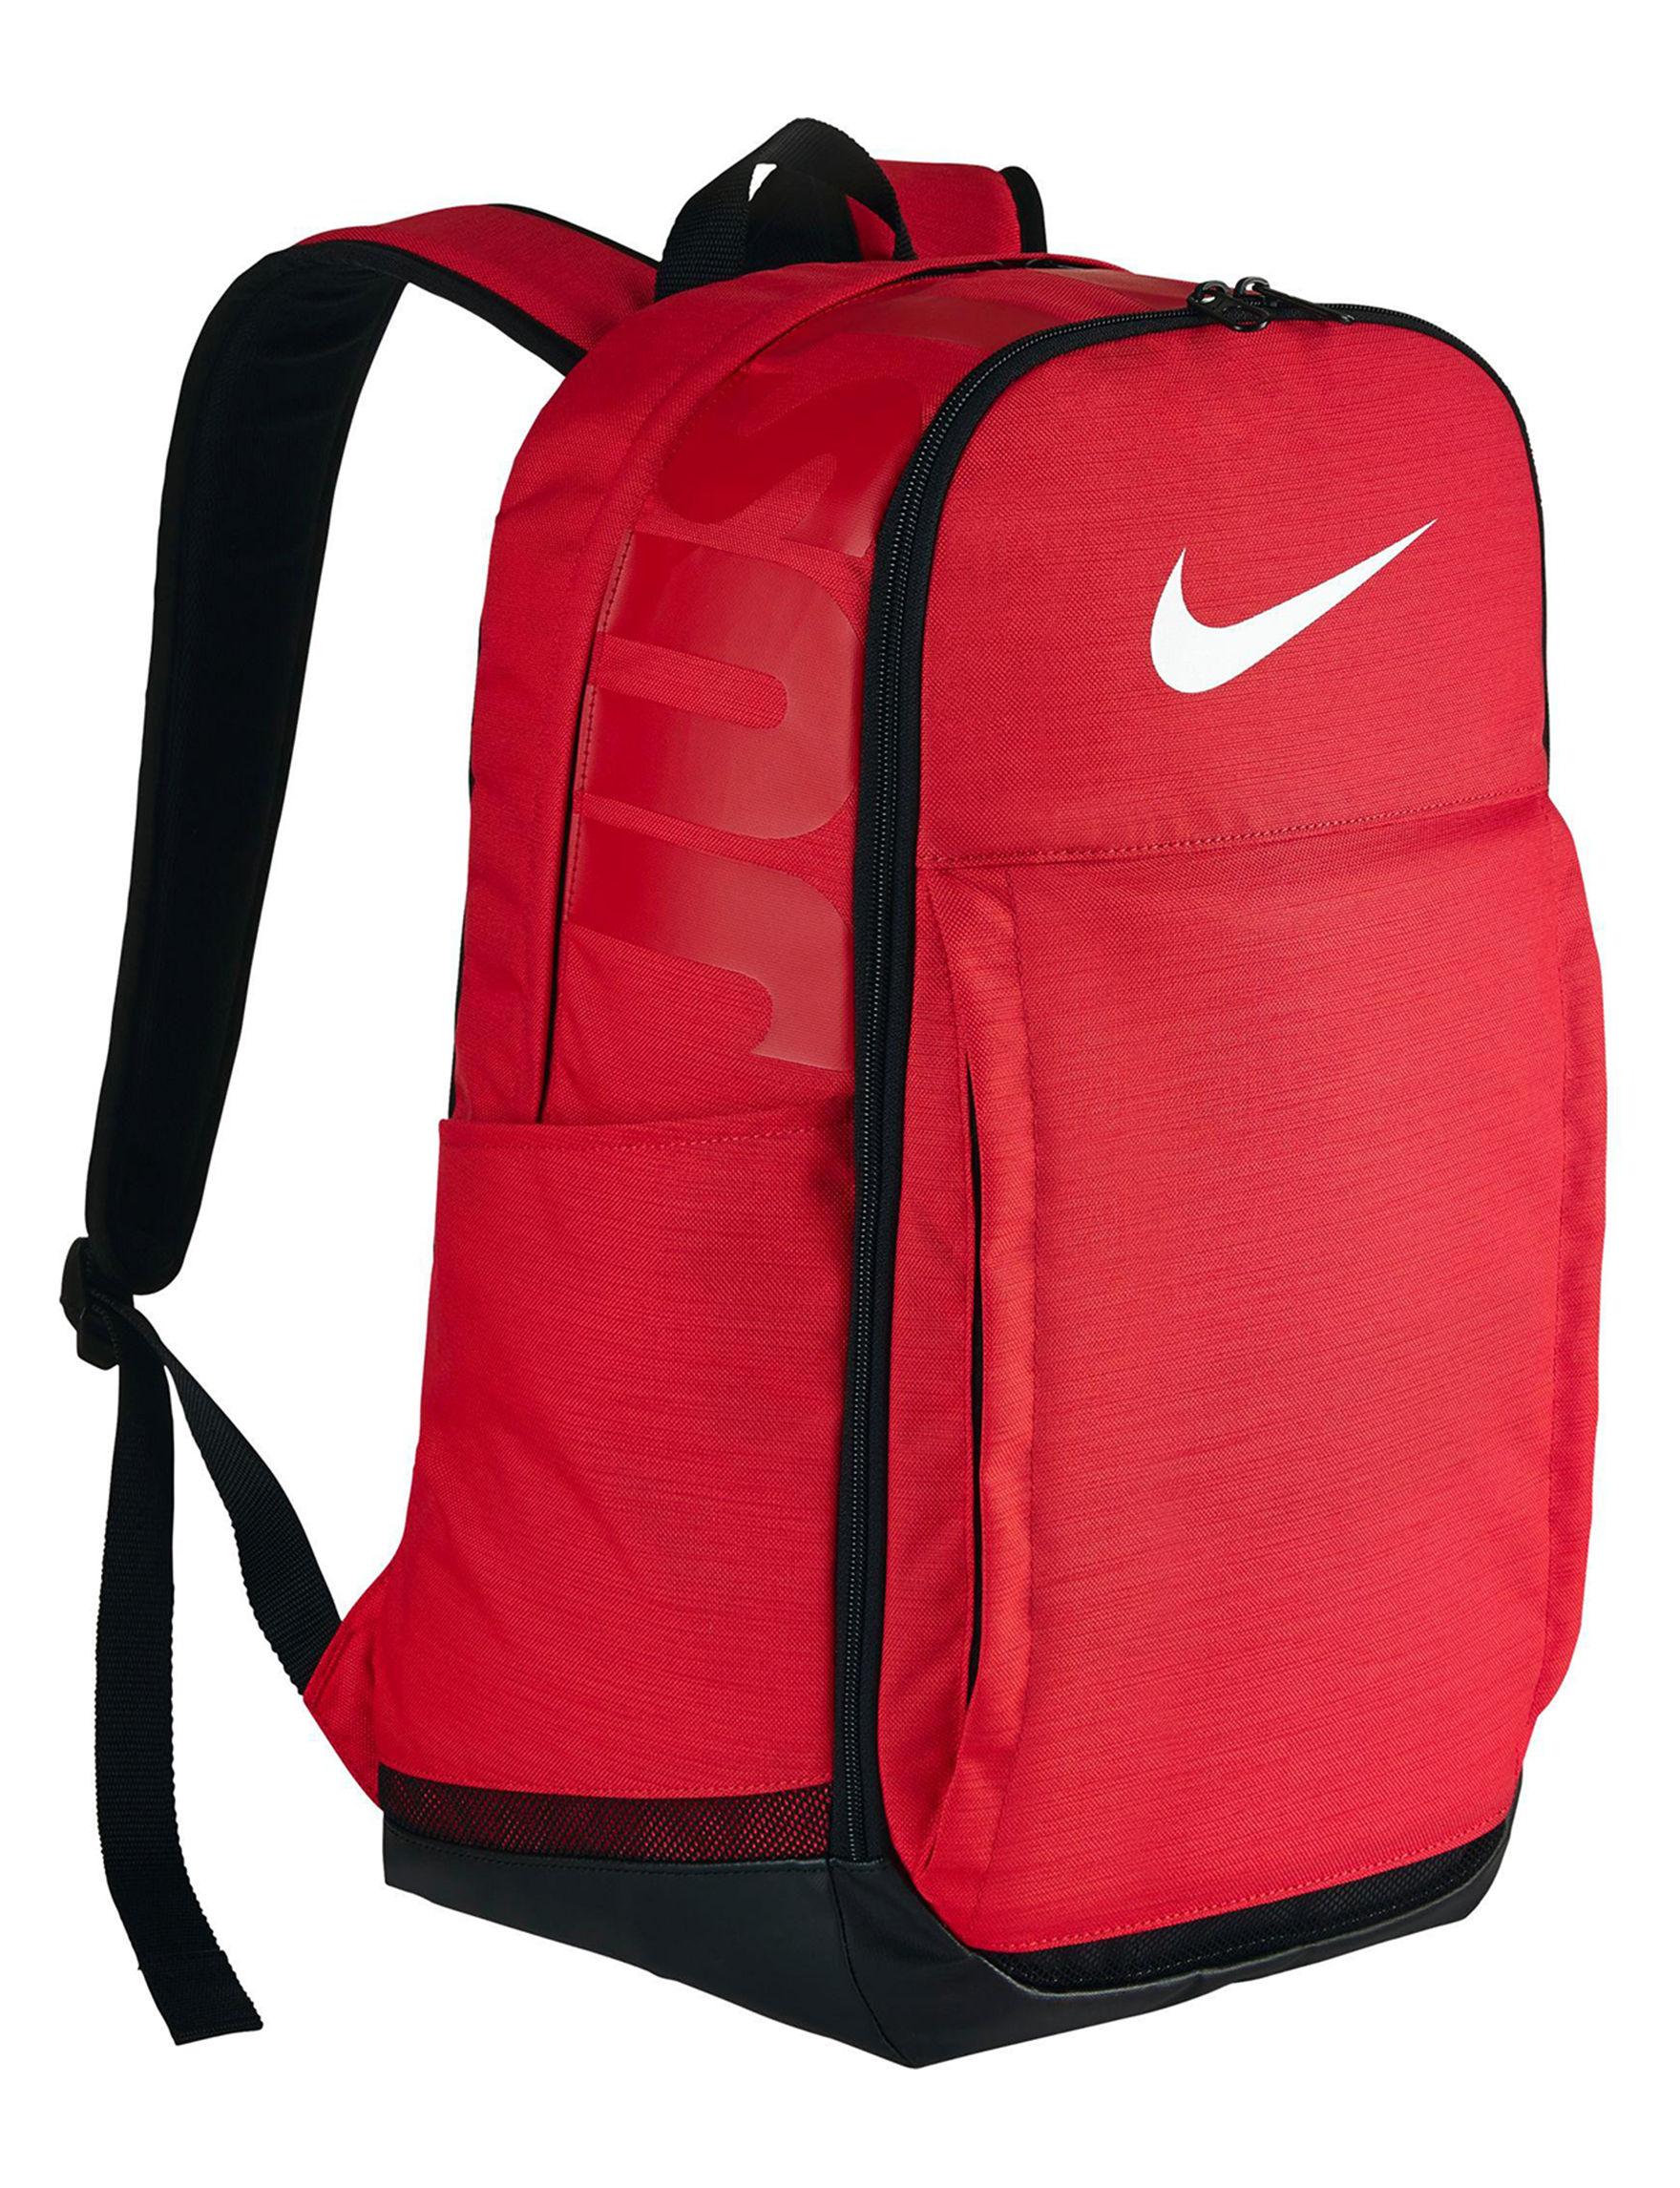 Nike Red Bookbags & Backpacks